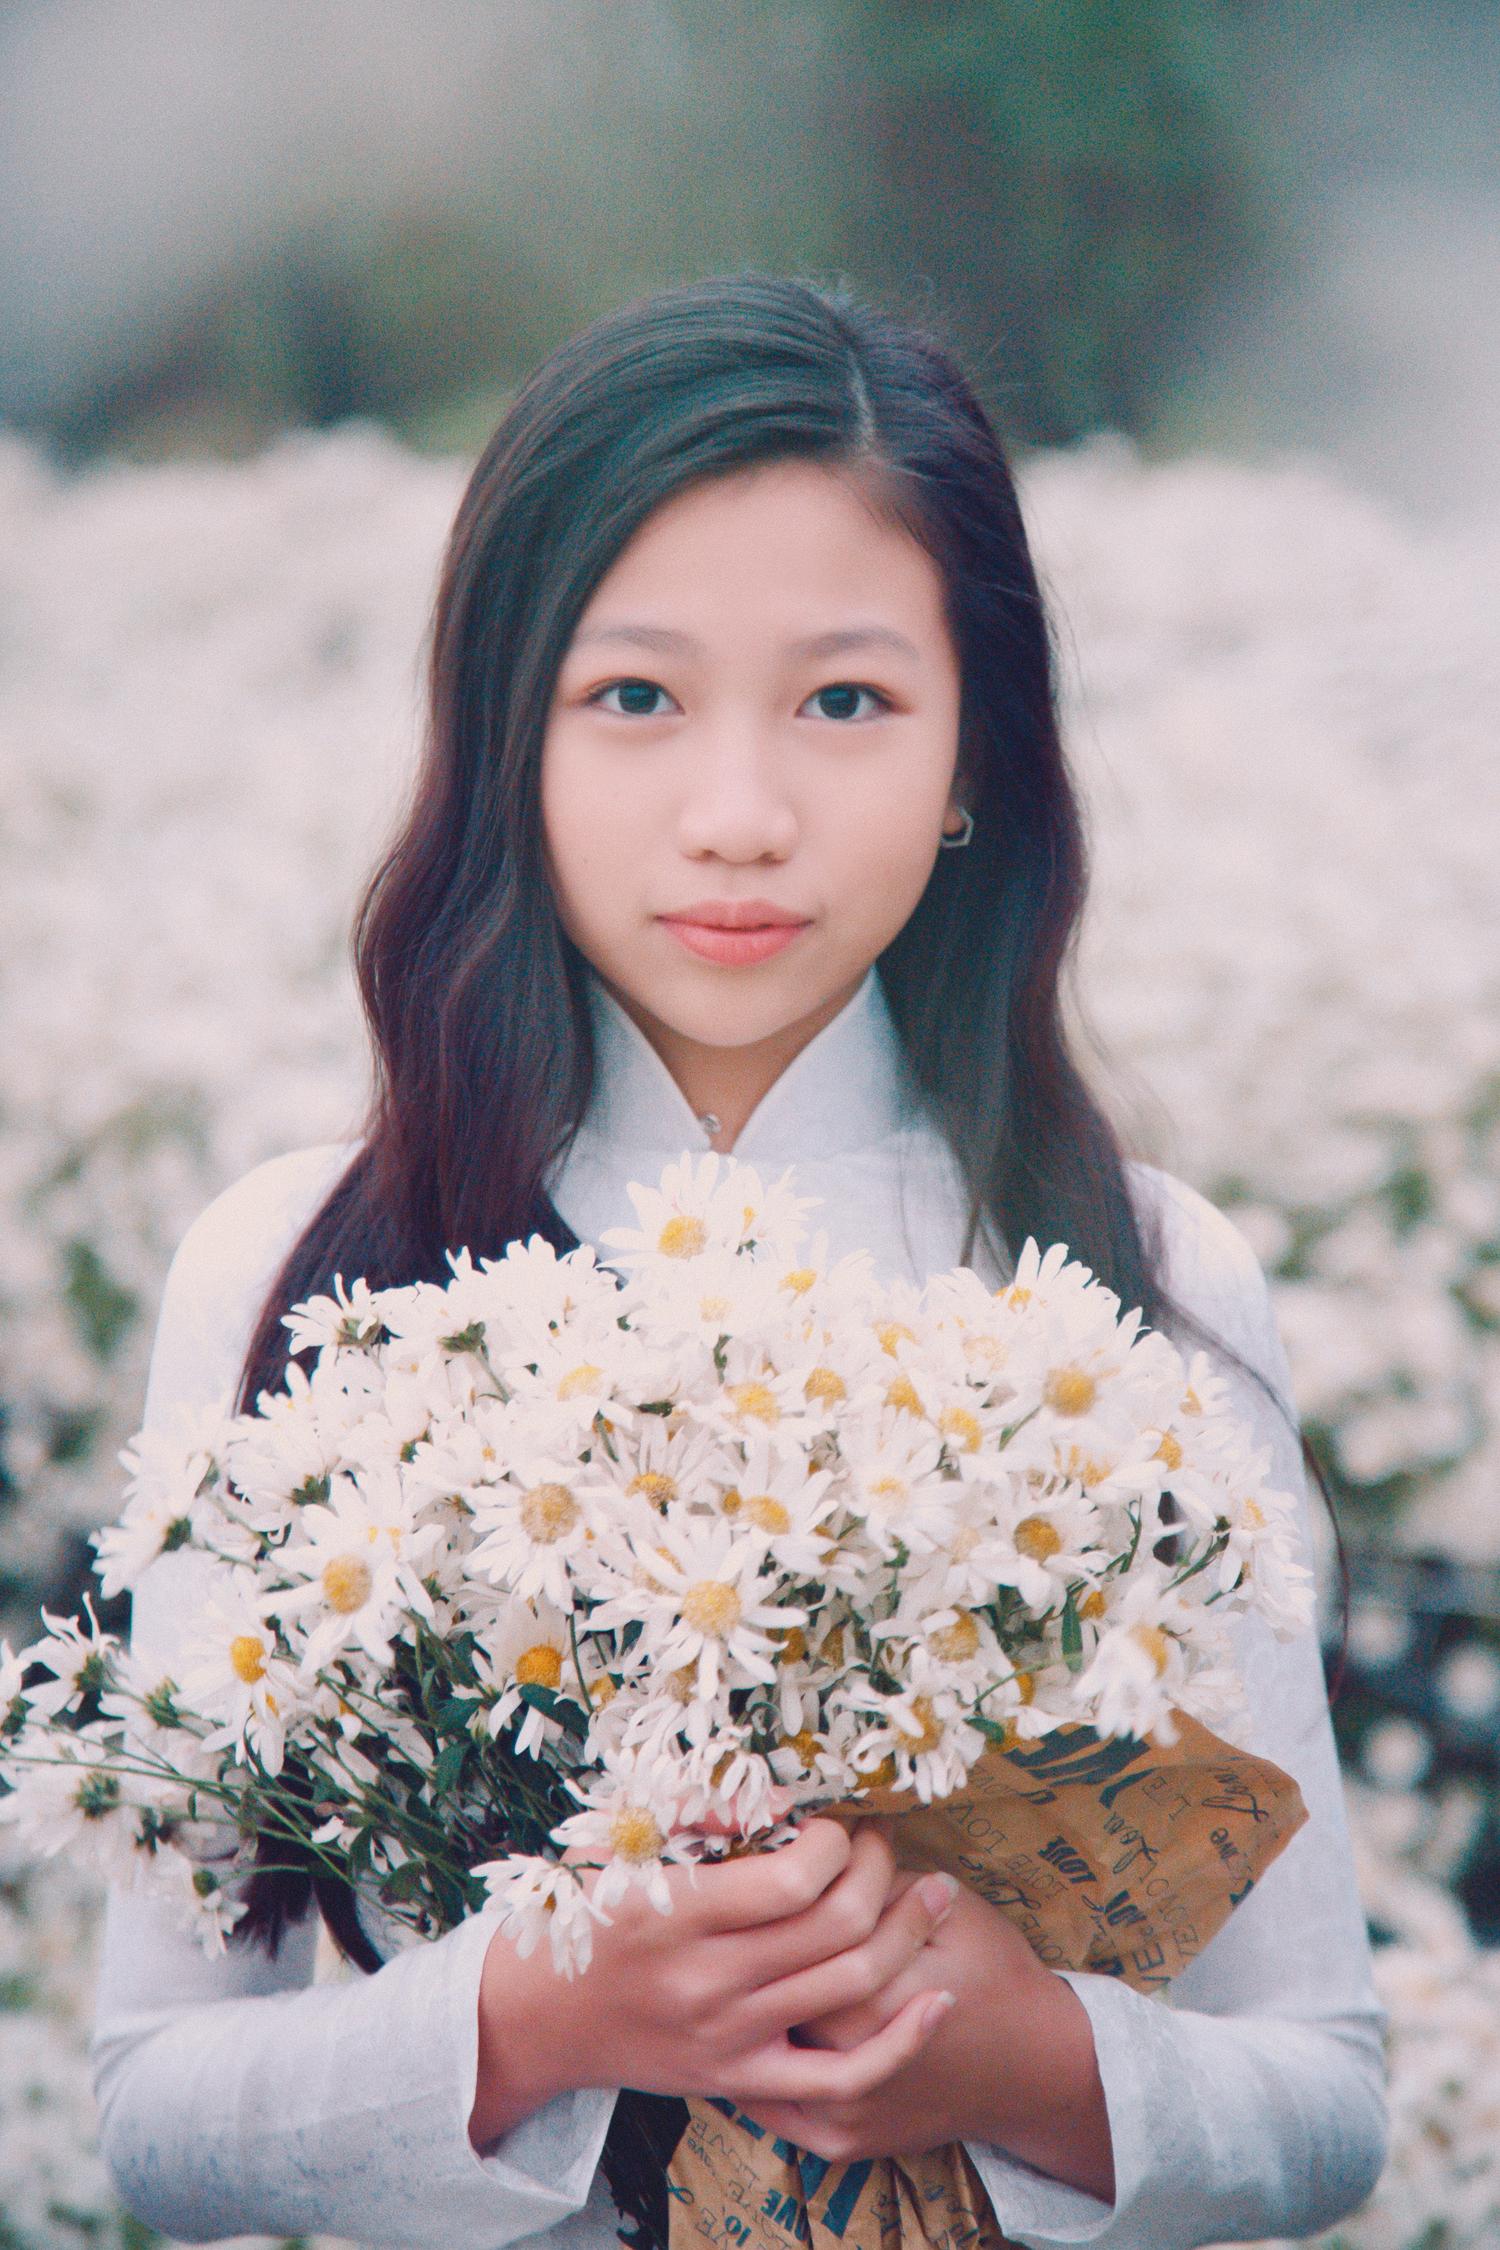 Hoa hậu nhí 11 tuổi đẹp tinh khôi với áo dài trắng cùng cúc hoạ mi chào năm  mới